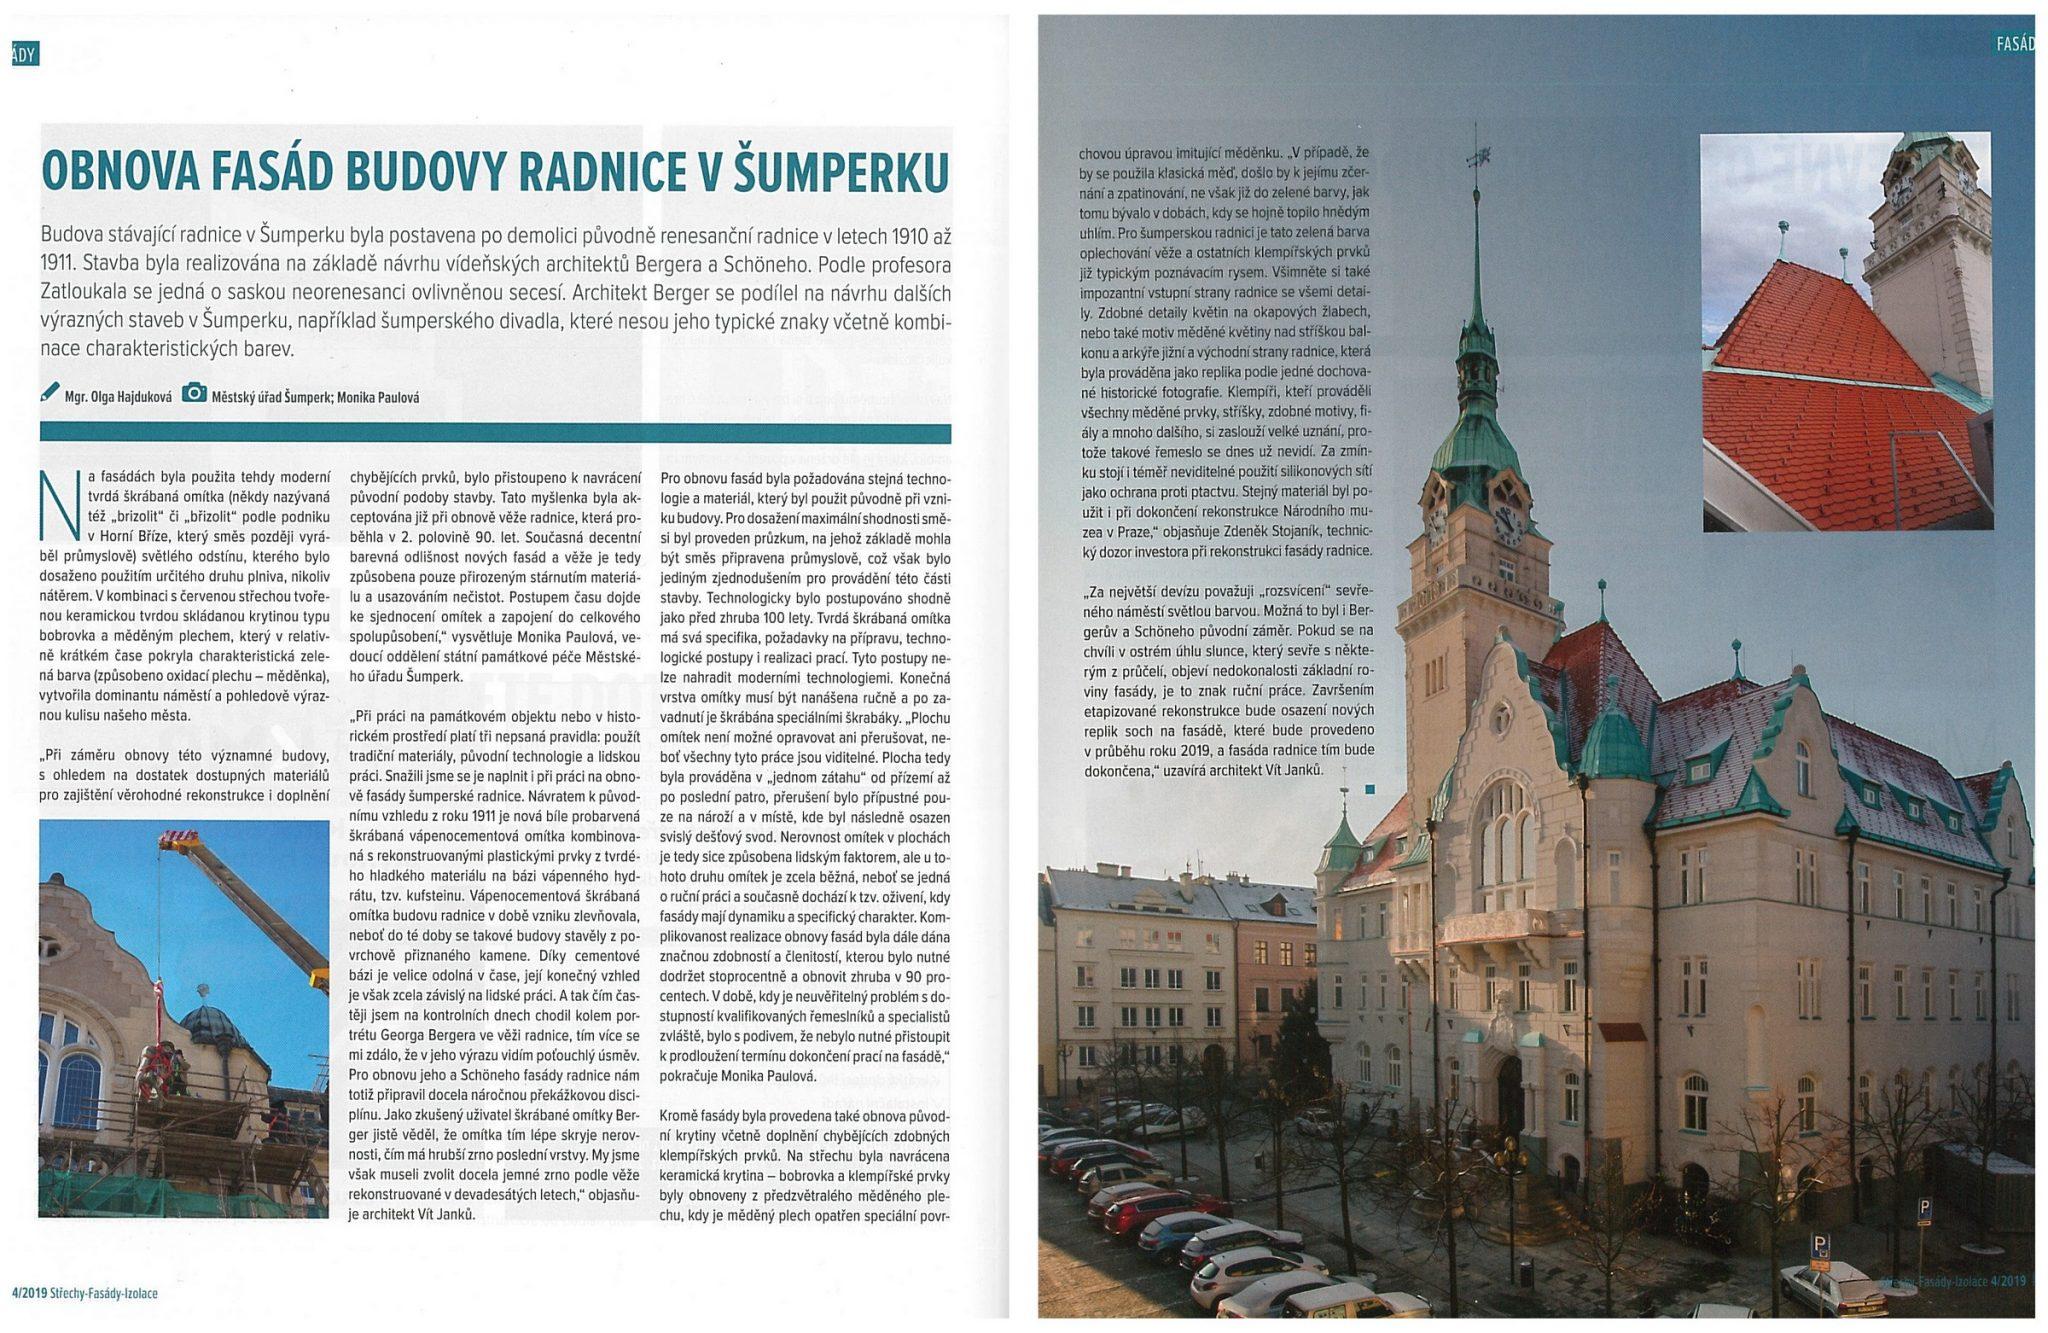 Obnova fasád budovy radnice v Šumperku